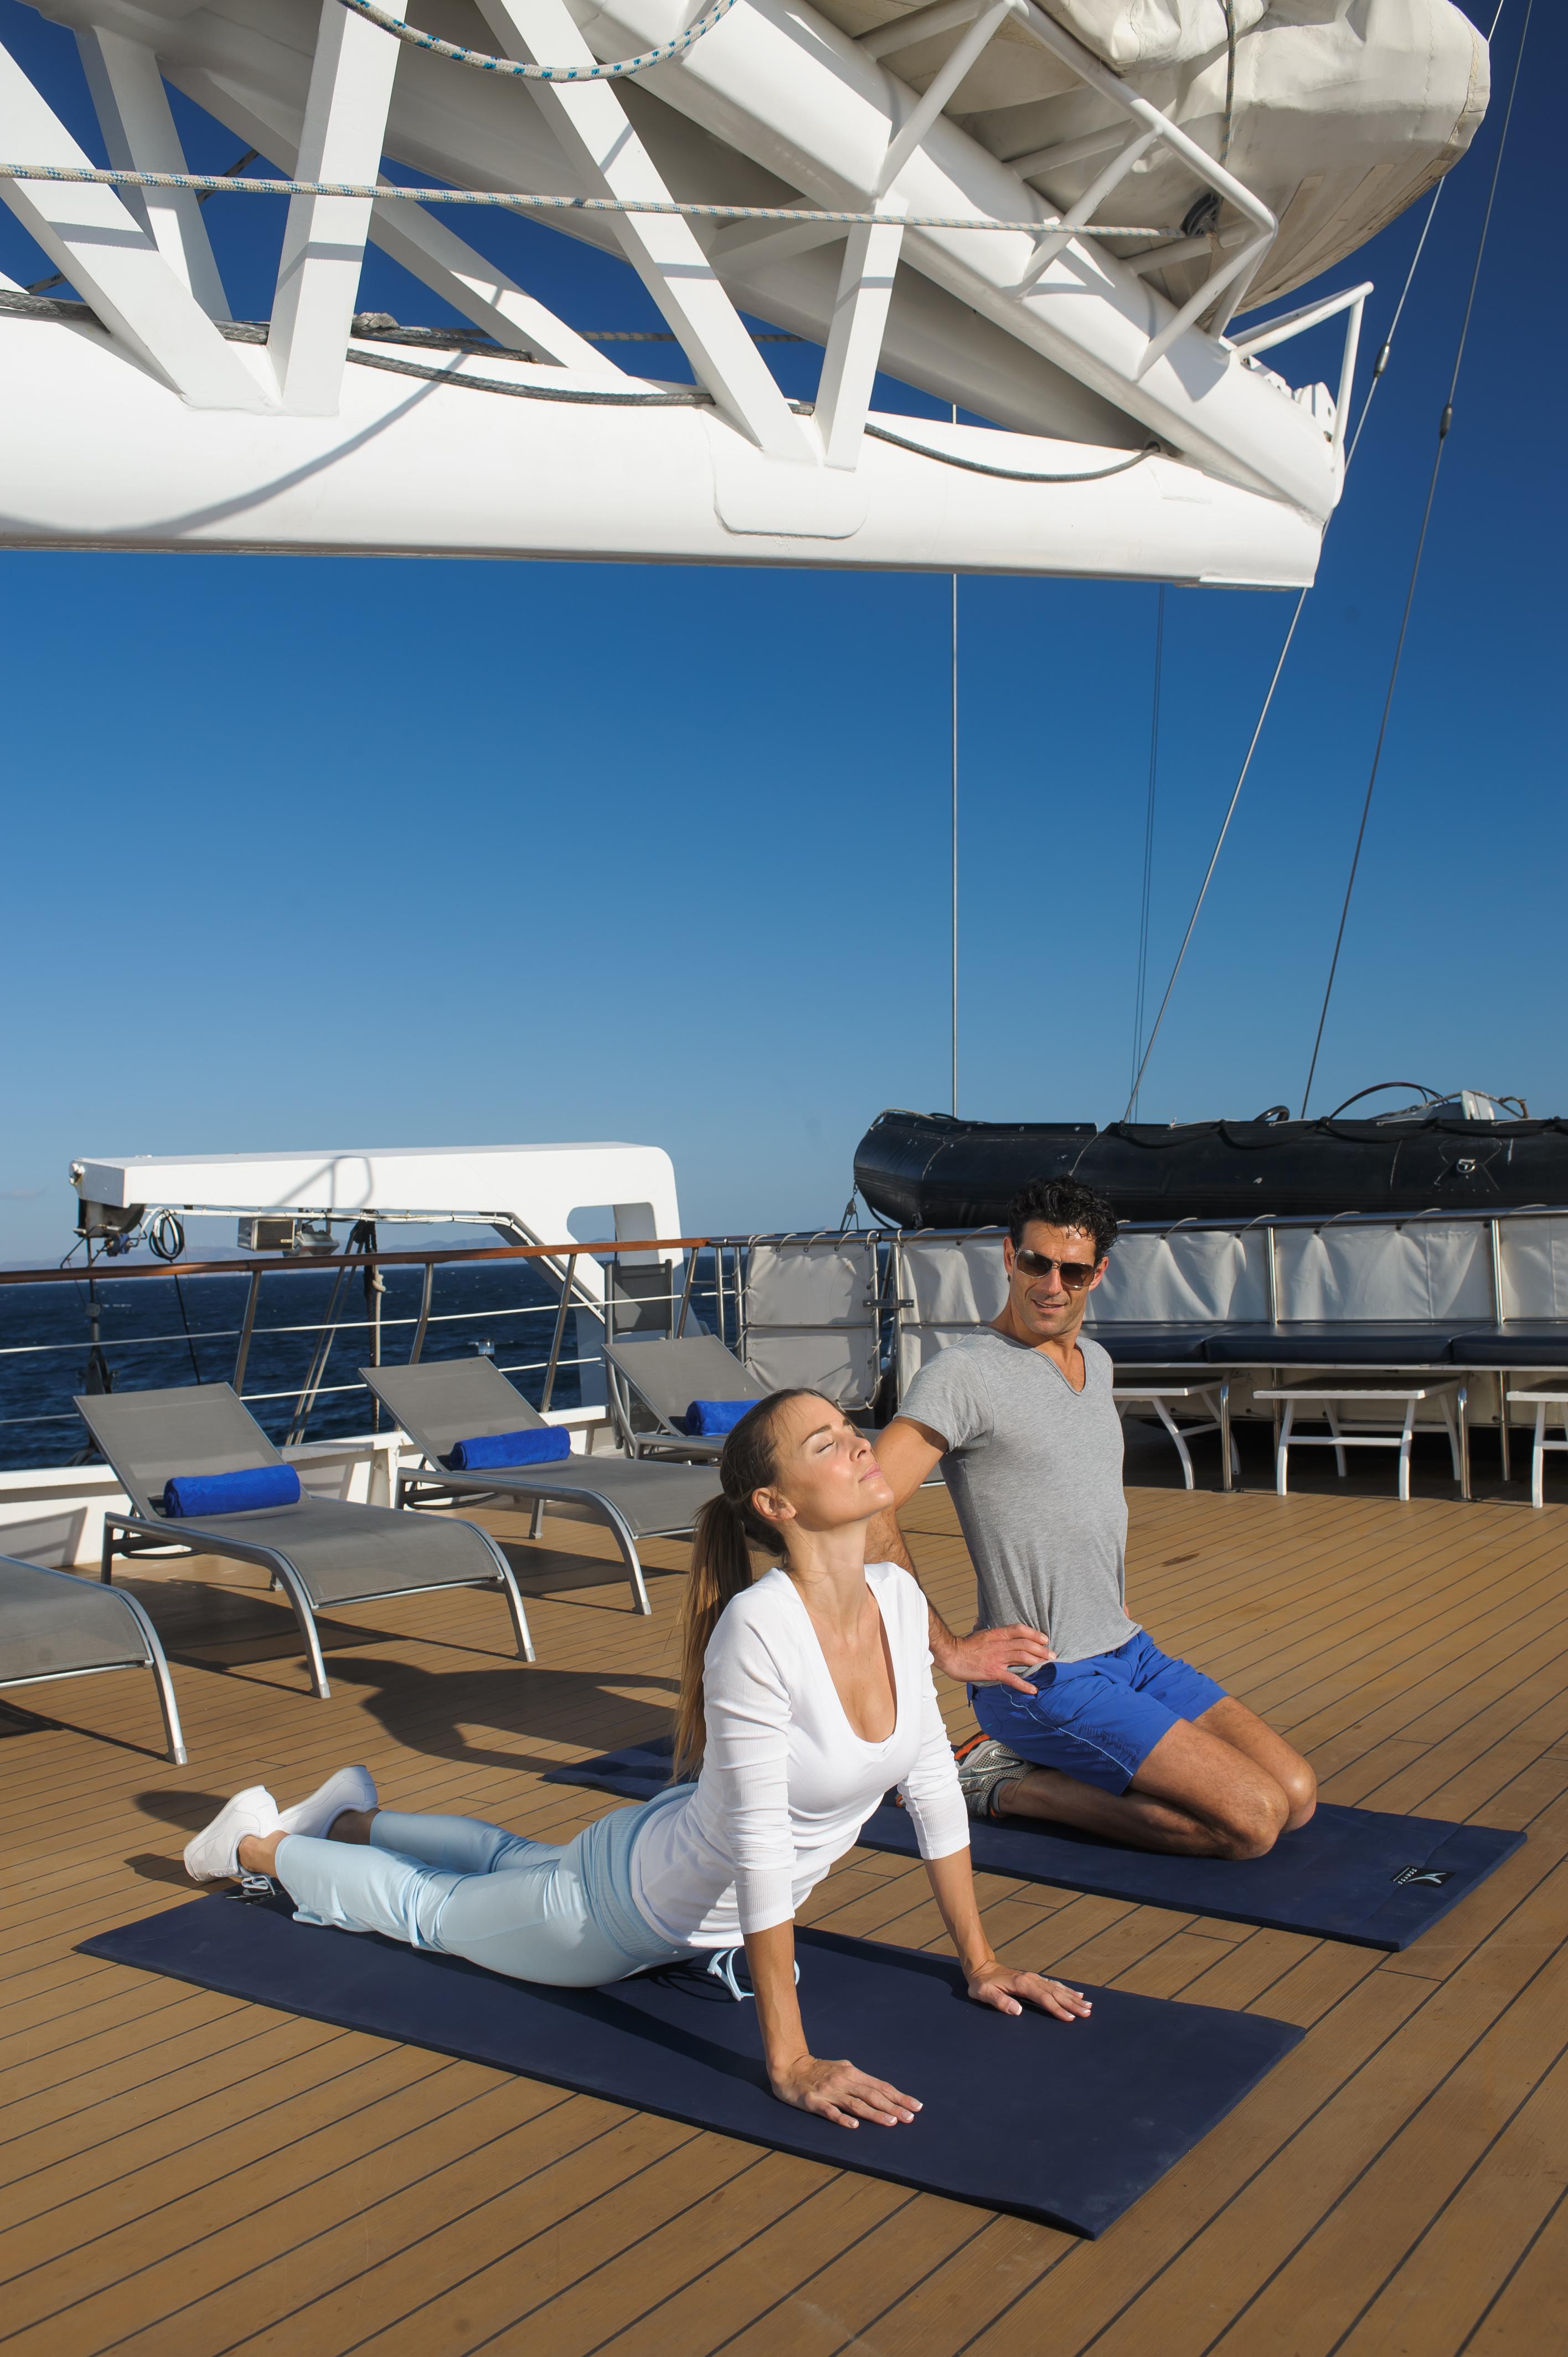 Ponant Le Ponant Exterior Couple Fitness 3.JPEG